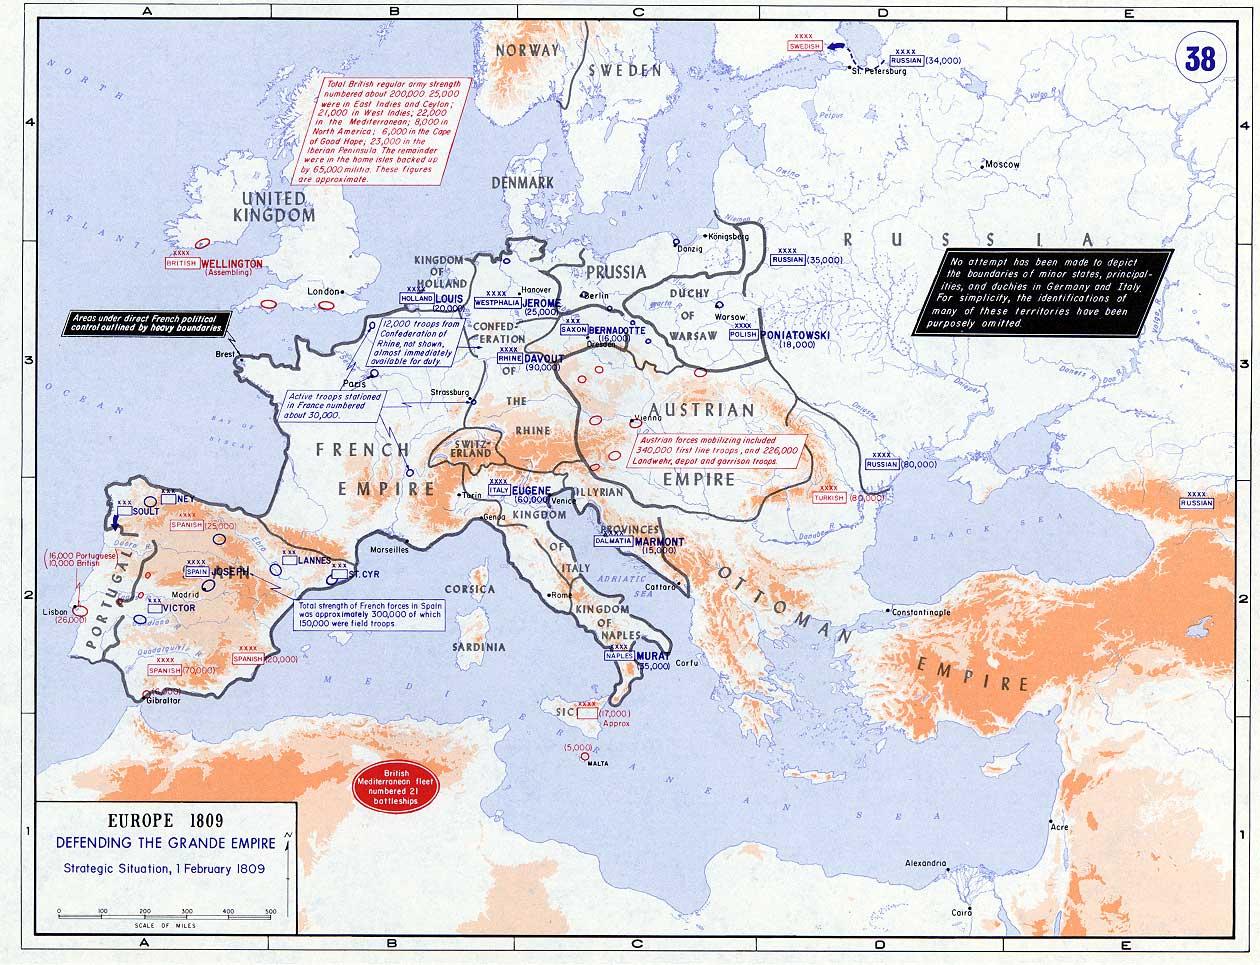 La situación estratégica de Europa en 1809